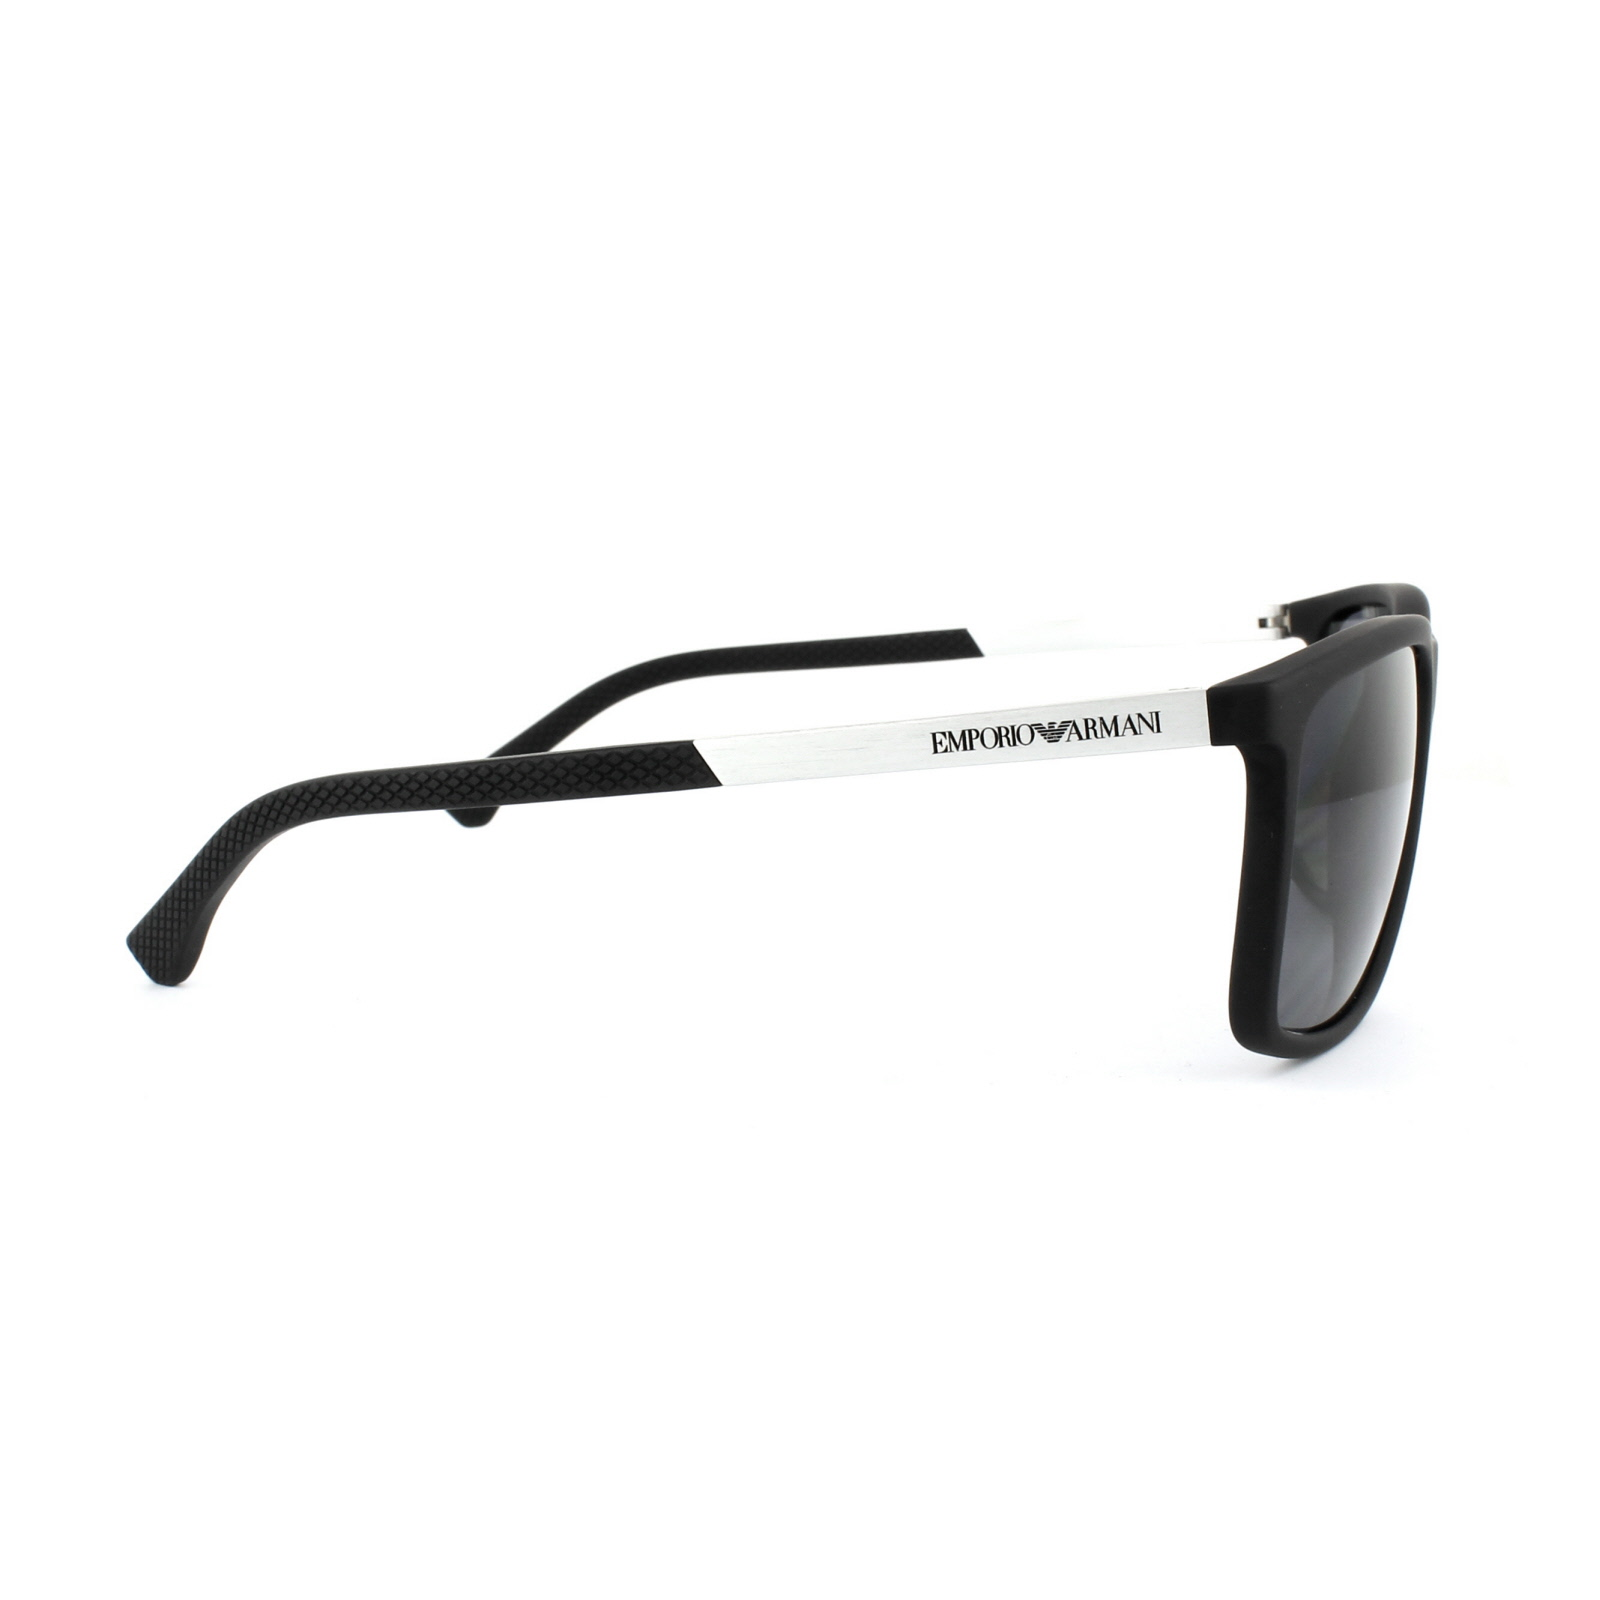 198be7a93b Sentinel Emporio Armani Sunglasses 4058 5063 81 Black Rubber Grey Polarized